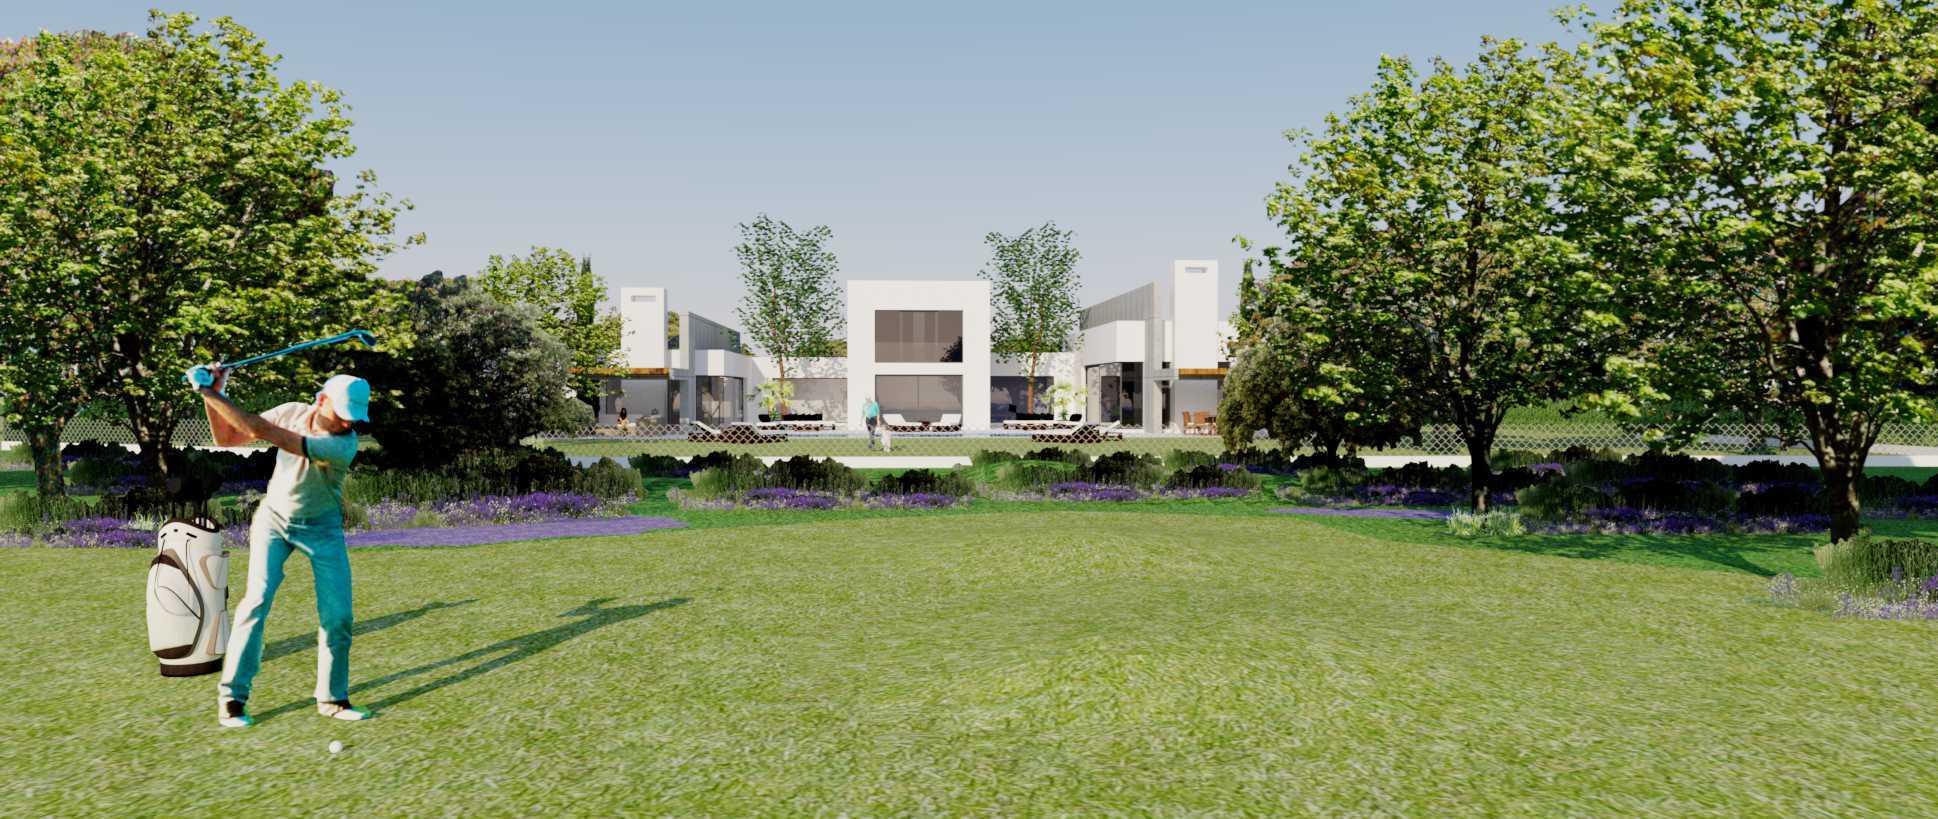 Proyecto de arquitectura para vivienda de uso familiar 8